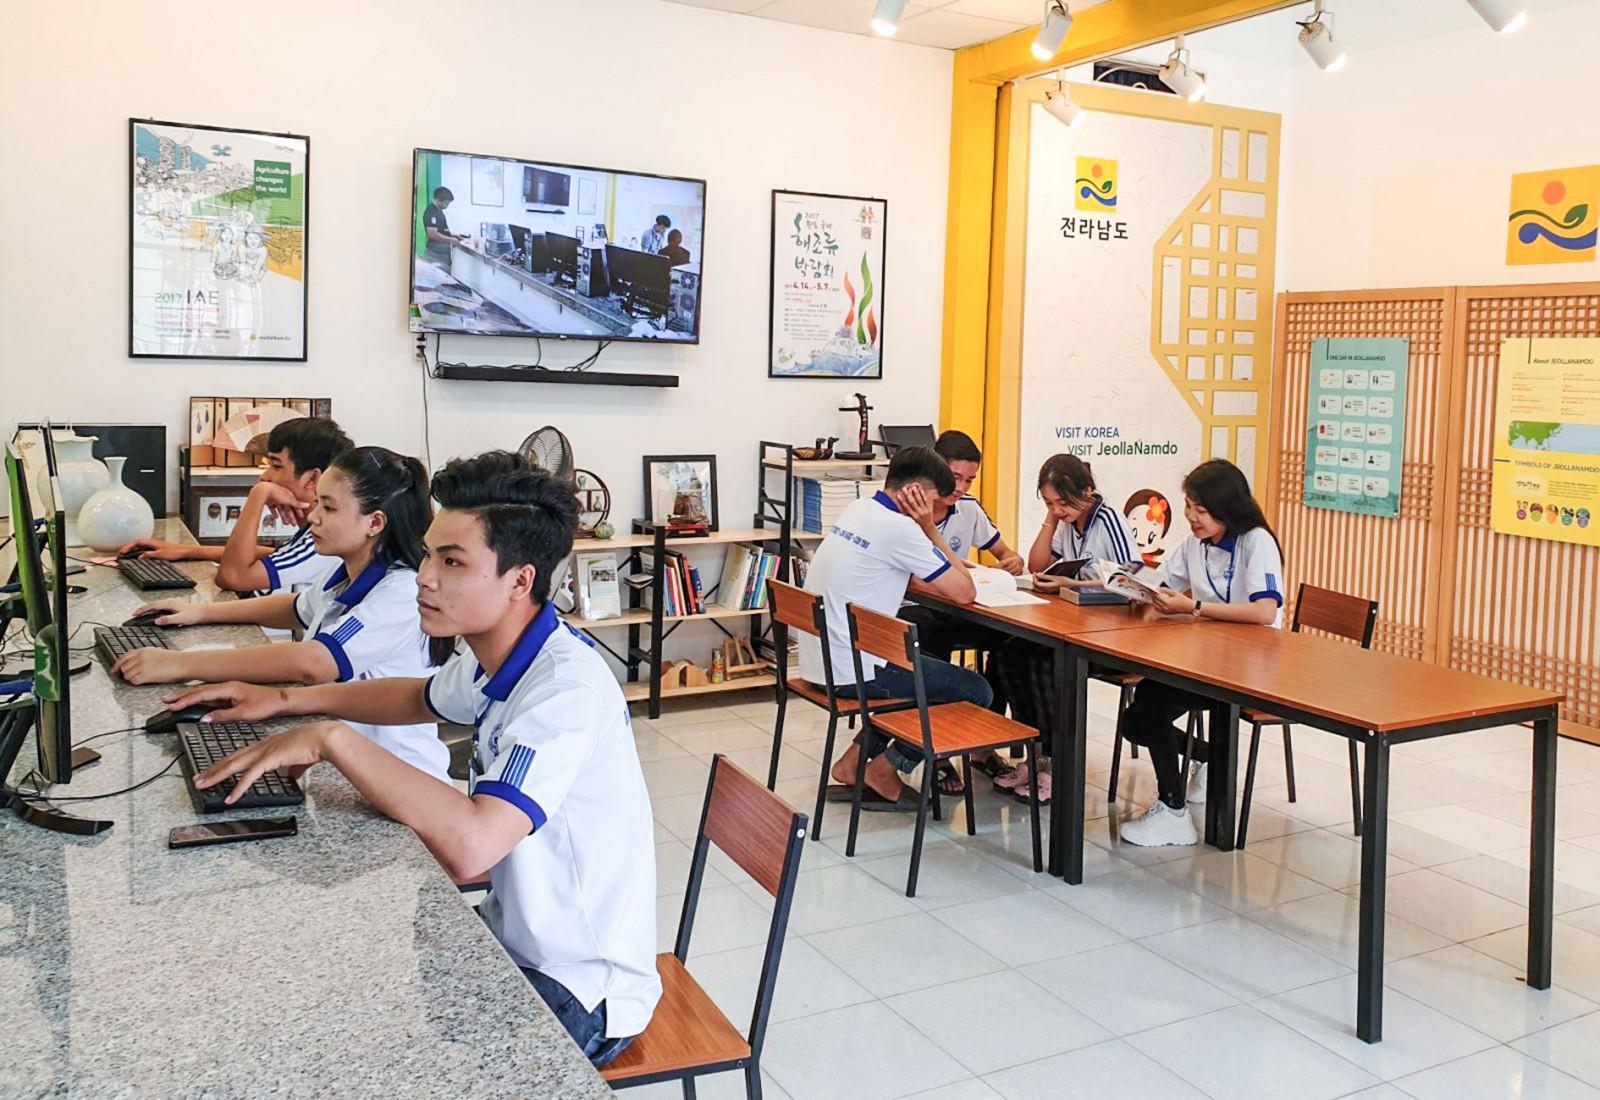 Sinh viên Trường Đại học Kỹ thuật - Công nghệ Cần Thơ học tập tại góc thông tin Jeollanamdo. Ảnh: HỒNG VÂN